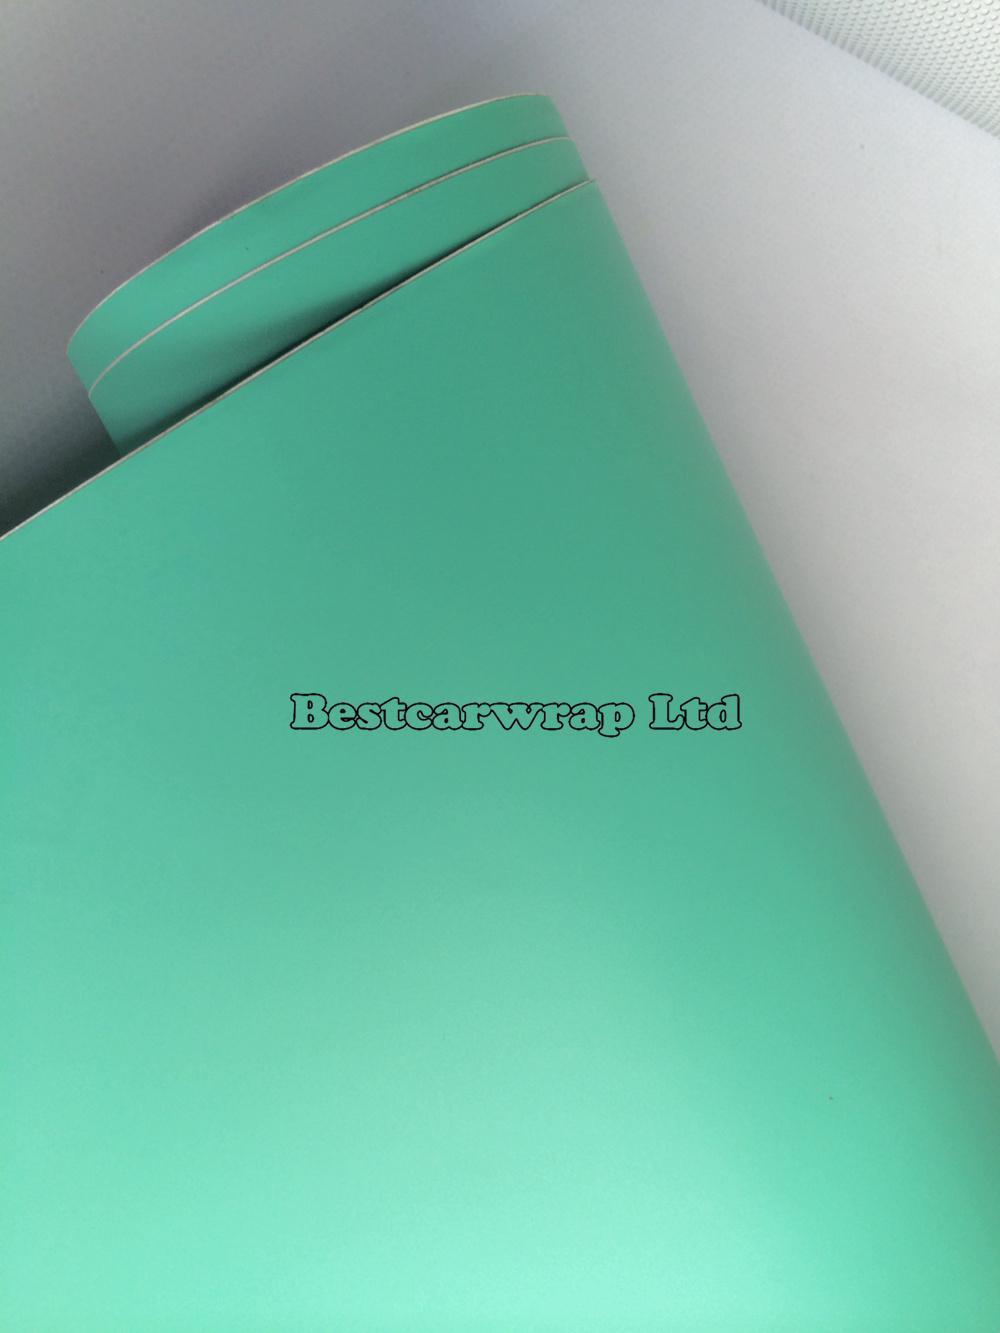 قسط تيفاني الأزرق ماتي الفينيل التفاف النعناع مات الفينيل سيارة التفاف مع ملصقات السيارات فقاعة الهواء الشحن 1.52x30 متر / لفة 5x98ft